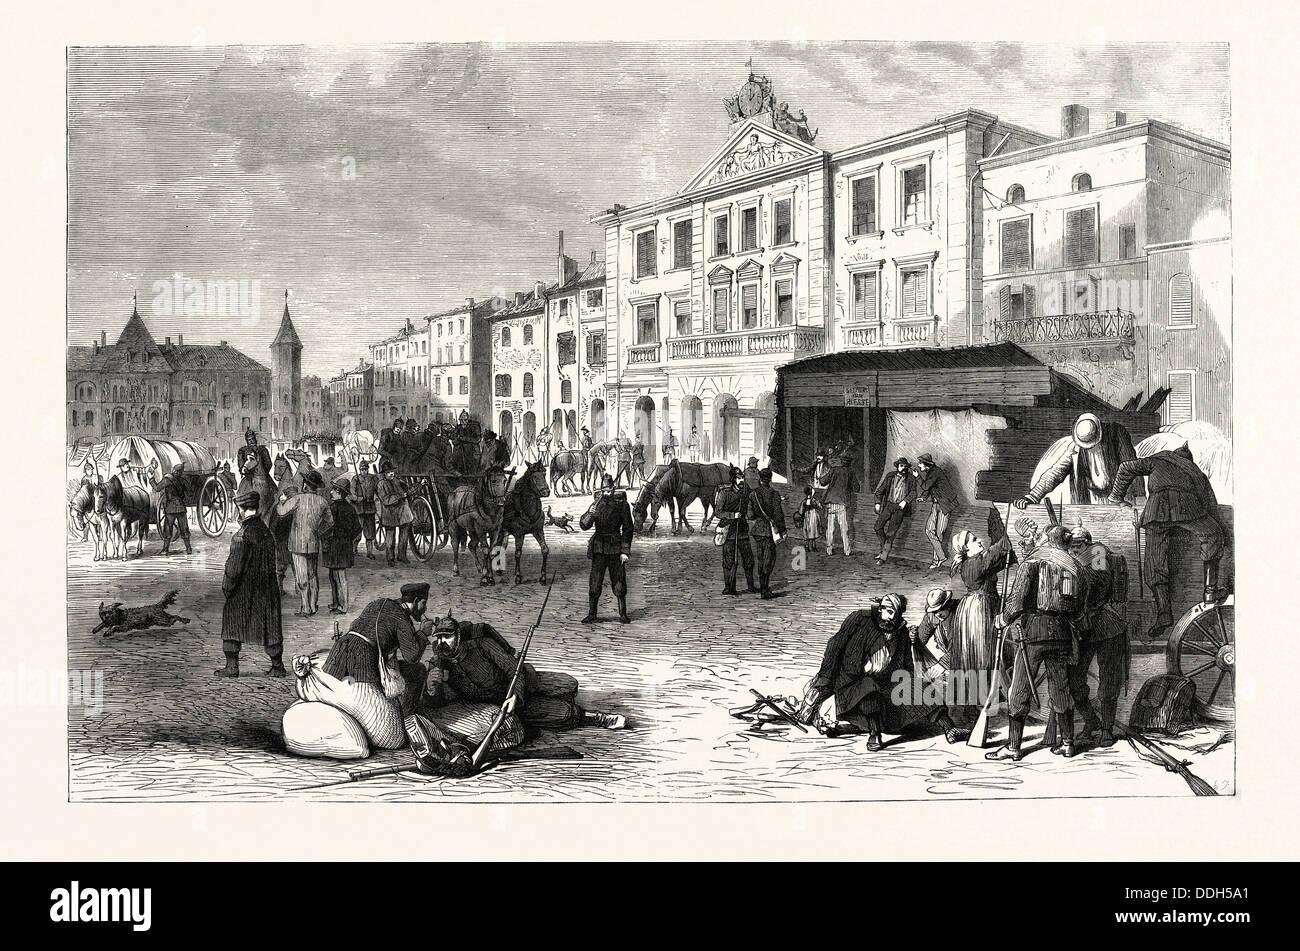 FRANCO-prussiana di guerra: LA PIAZZA DEL MERCATO E LA CITTÀ DI PONT-A-MOUSSON, 19 agosto 1870 Immagini Stock